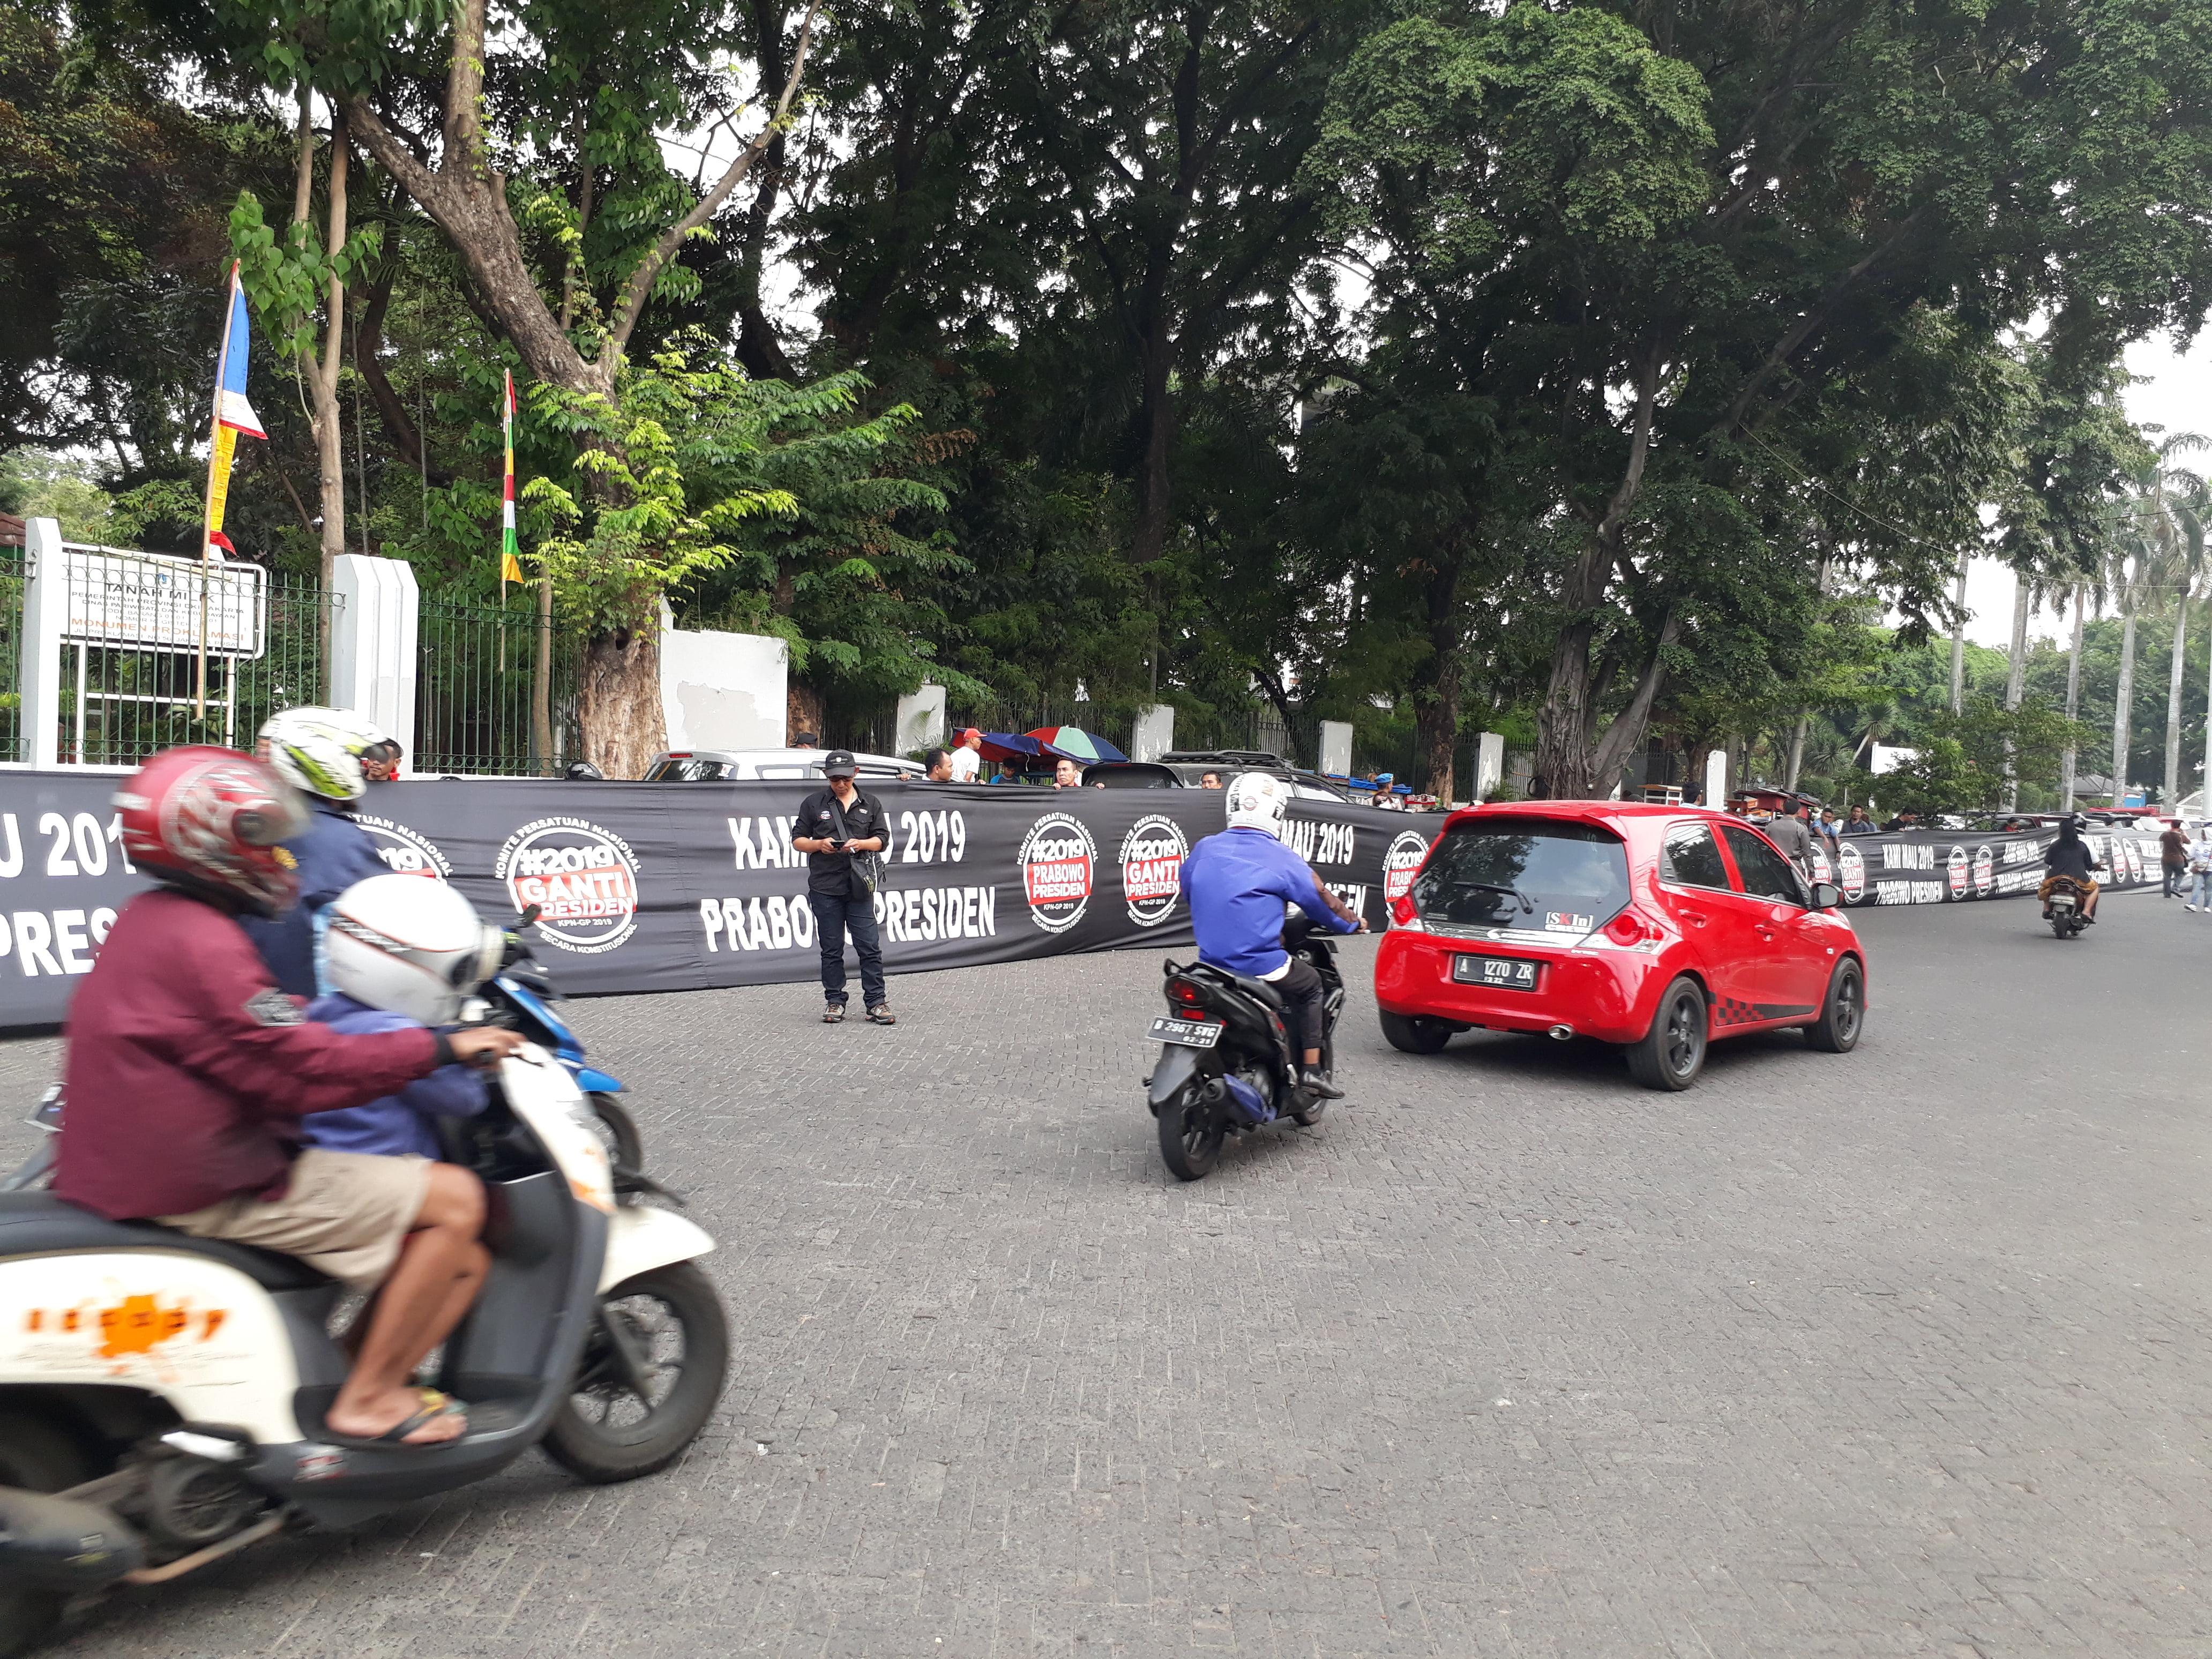 Spanduk Raksasa 100 Meter, Nyatakan Dukungan Terhadap Prabowo